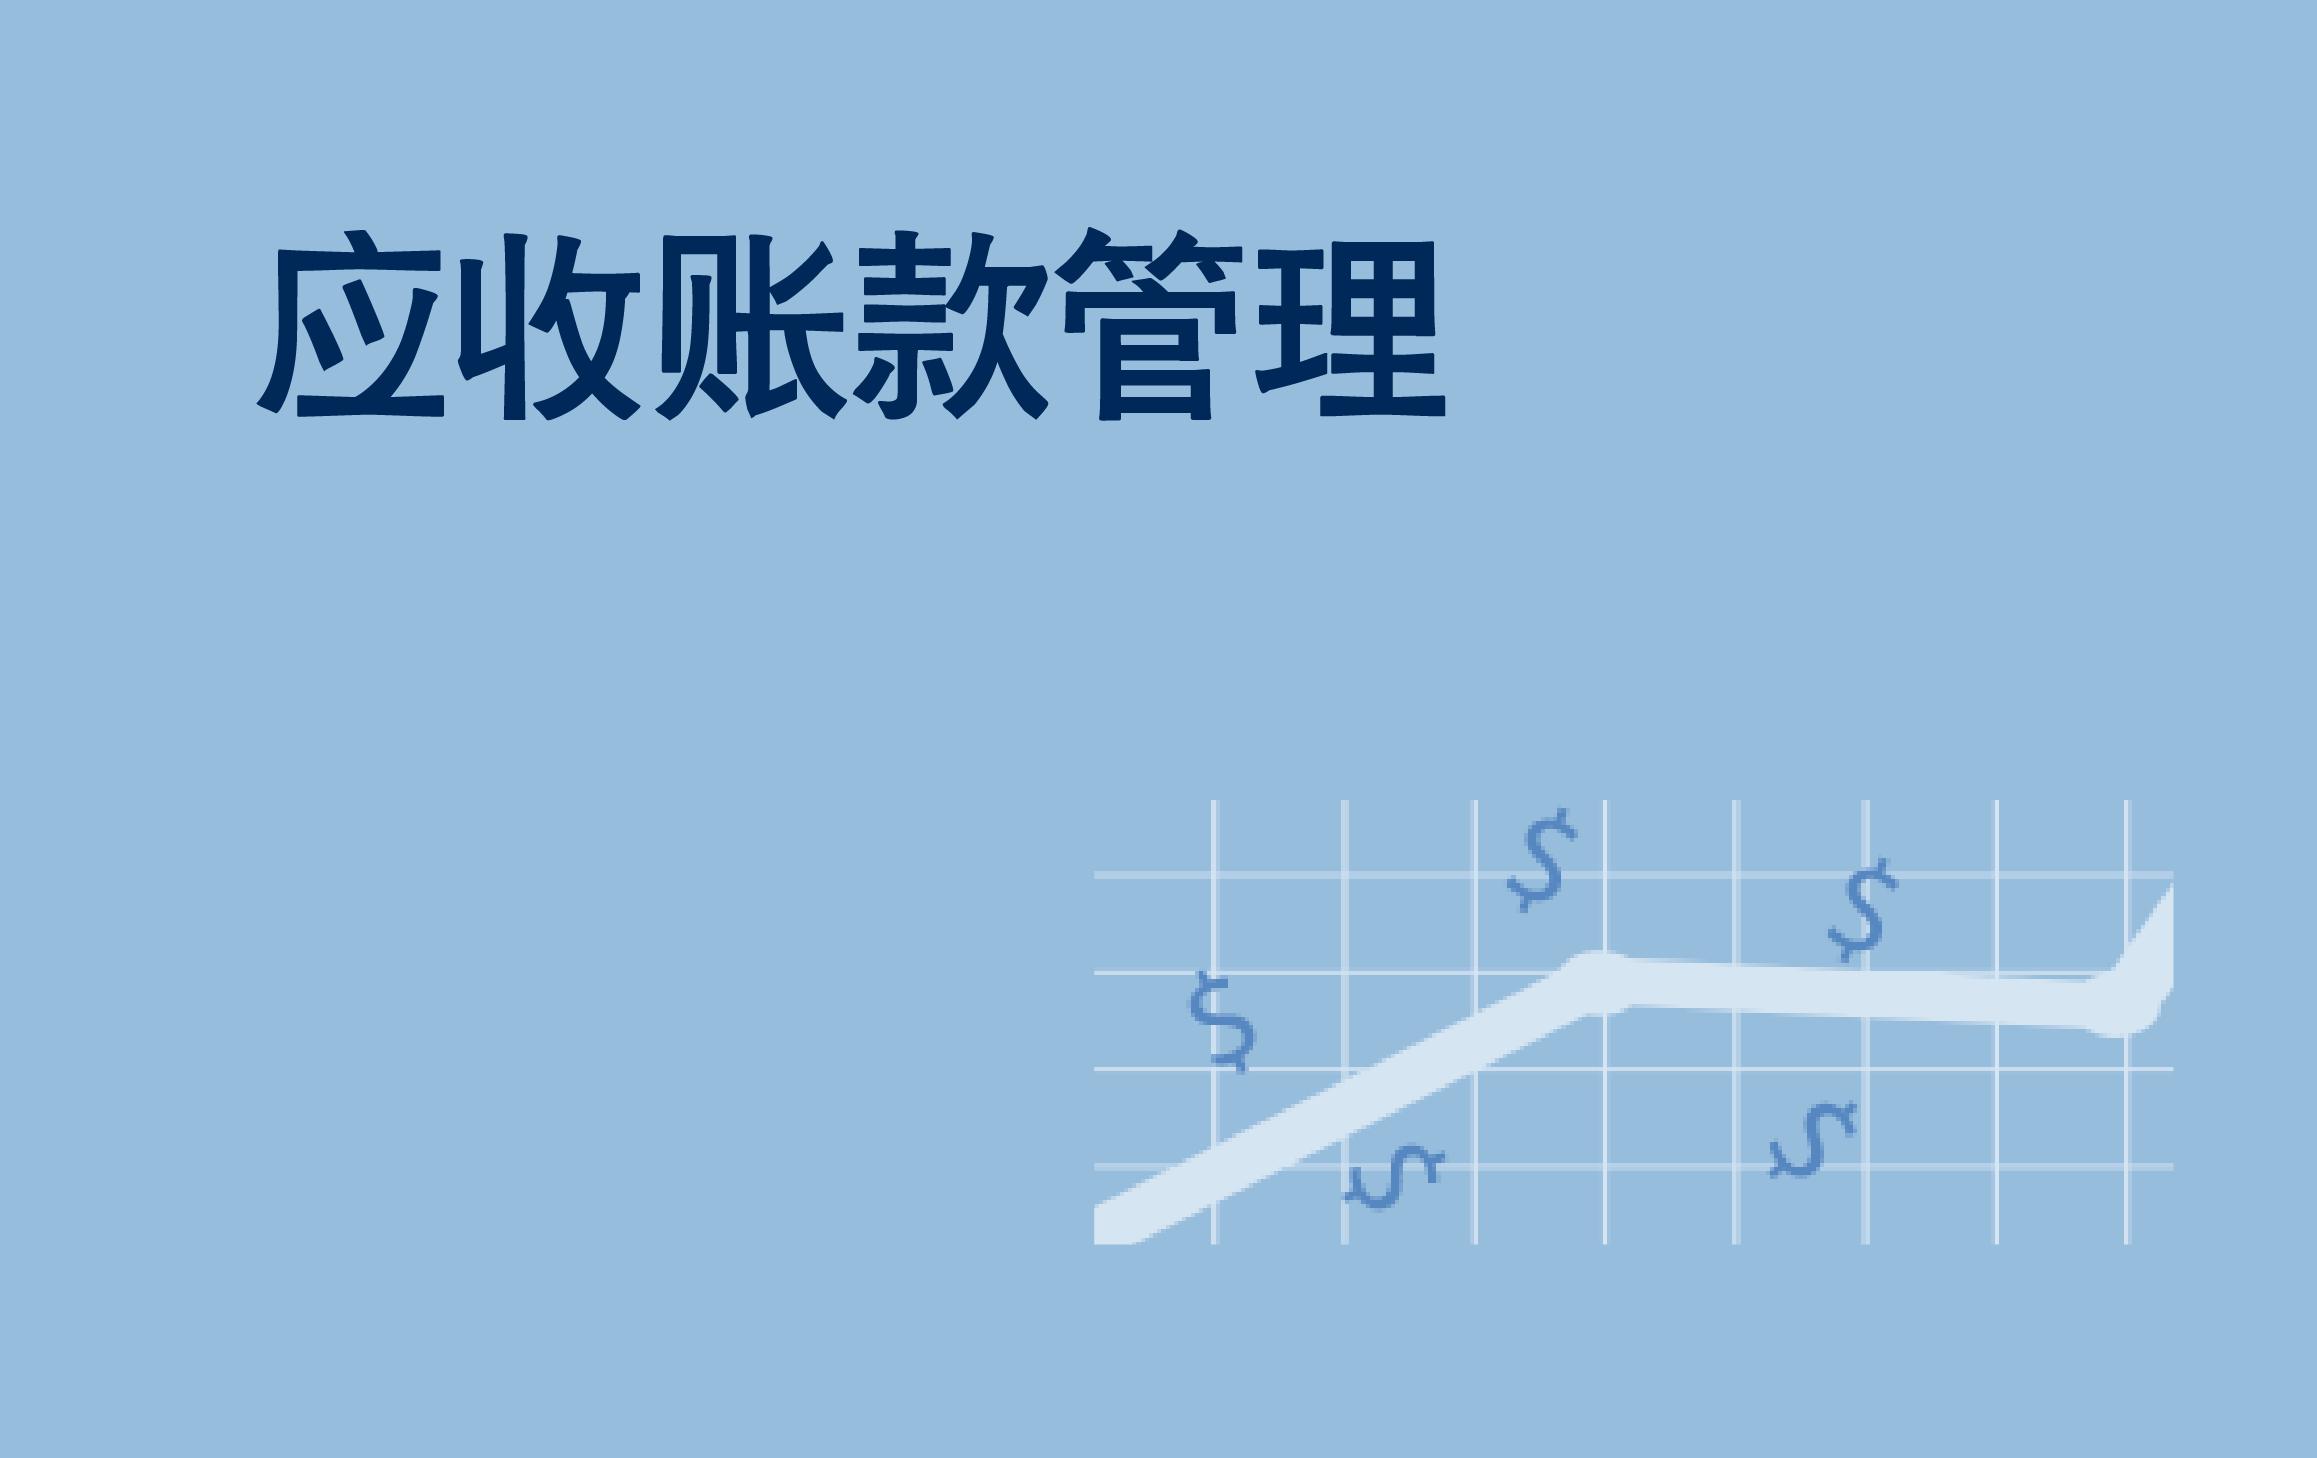 催款函在应收账款管理中的应用